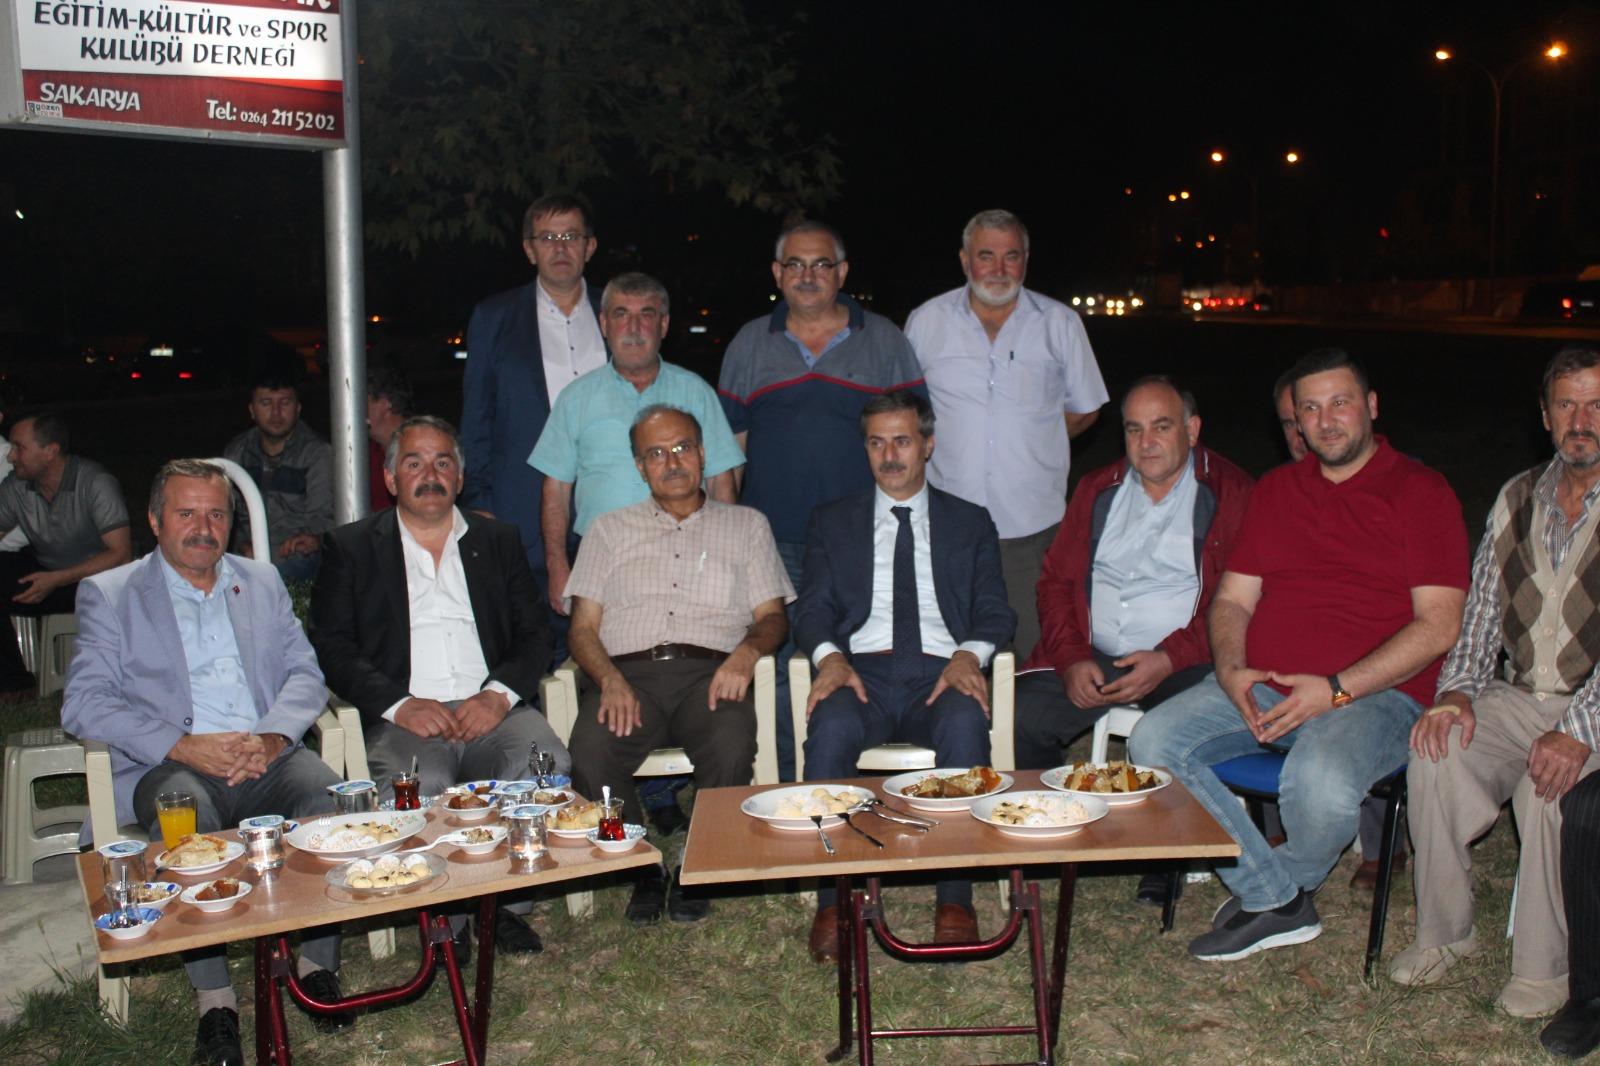 Bosna Sancak'tan hoş etkinlik